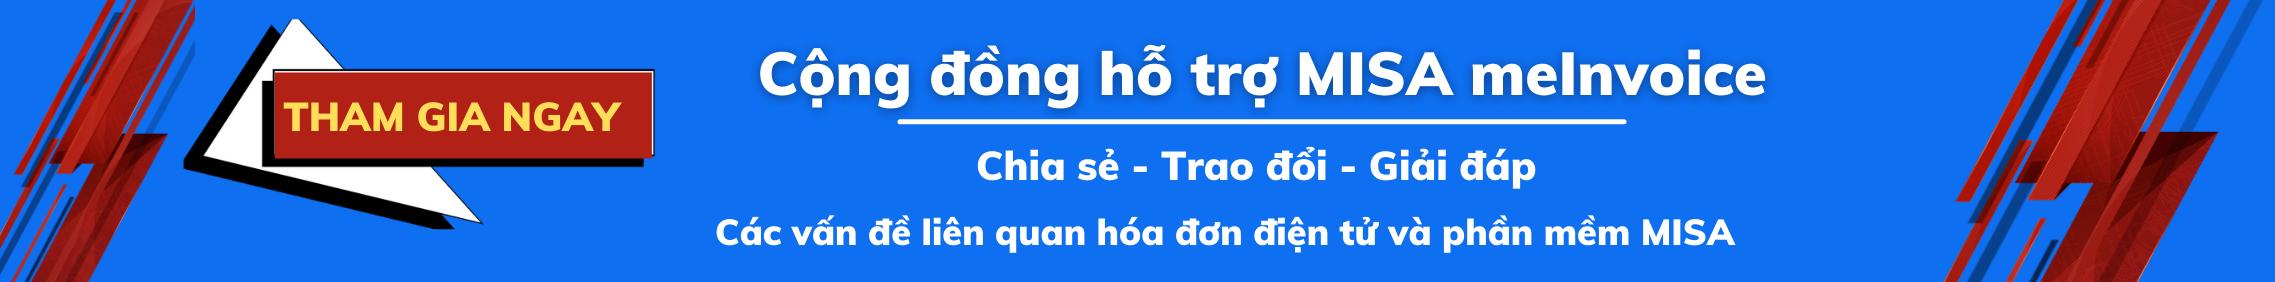 THAM GIA NGAY (8).png